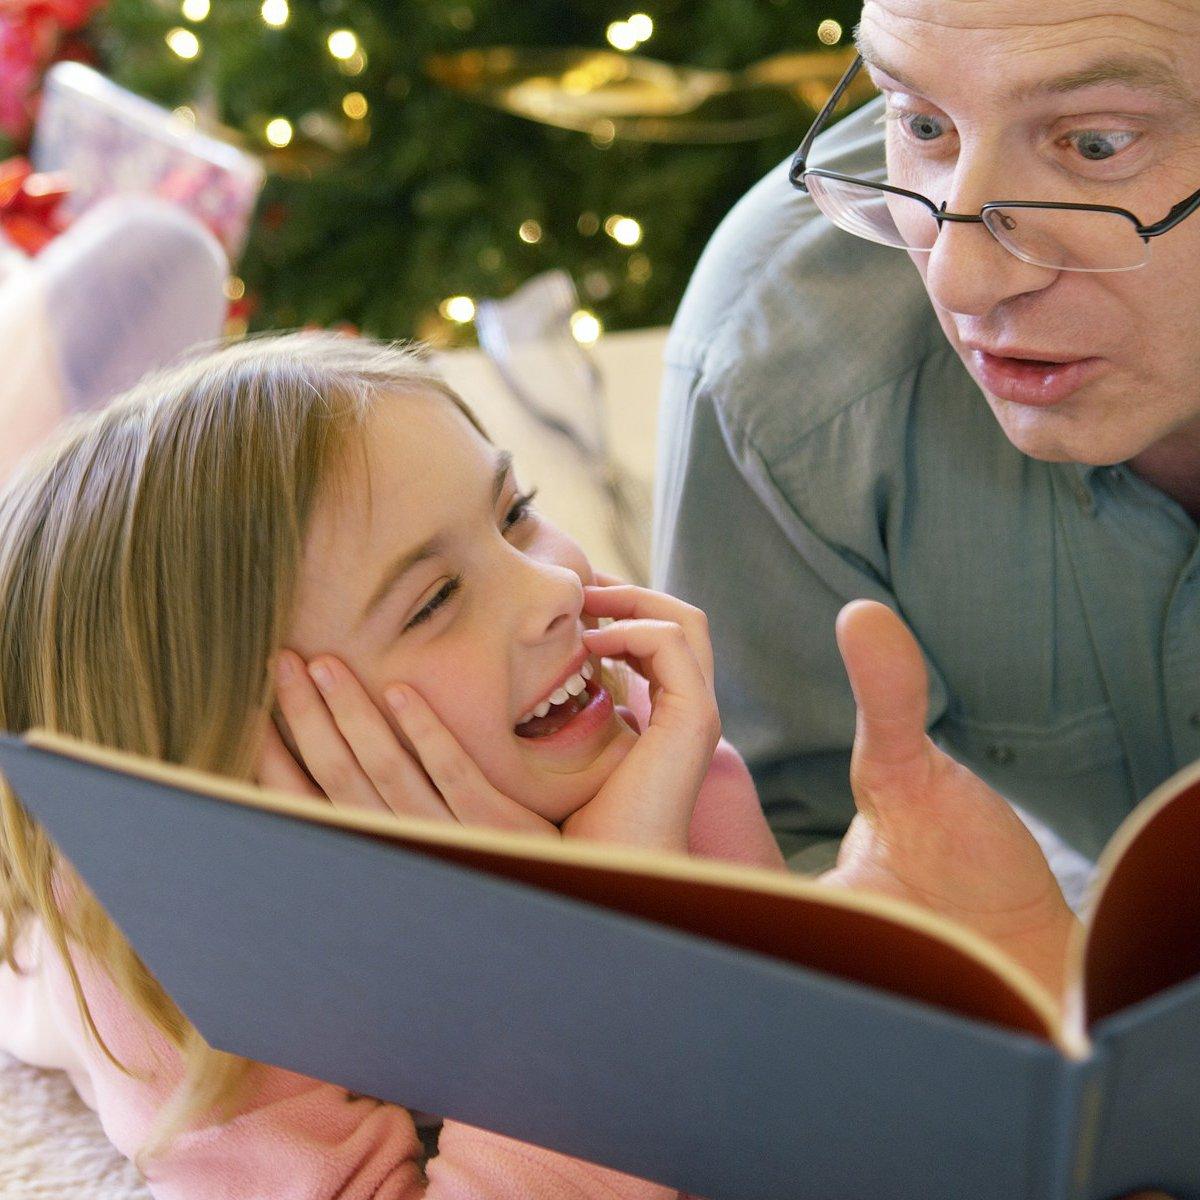 читаем и слушаем картинки интересных идей